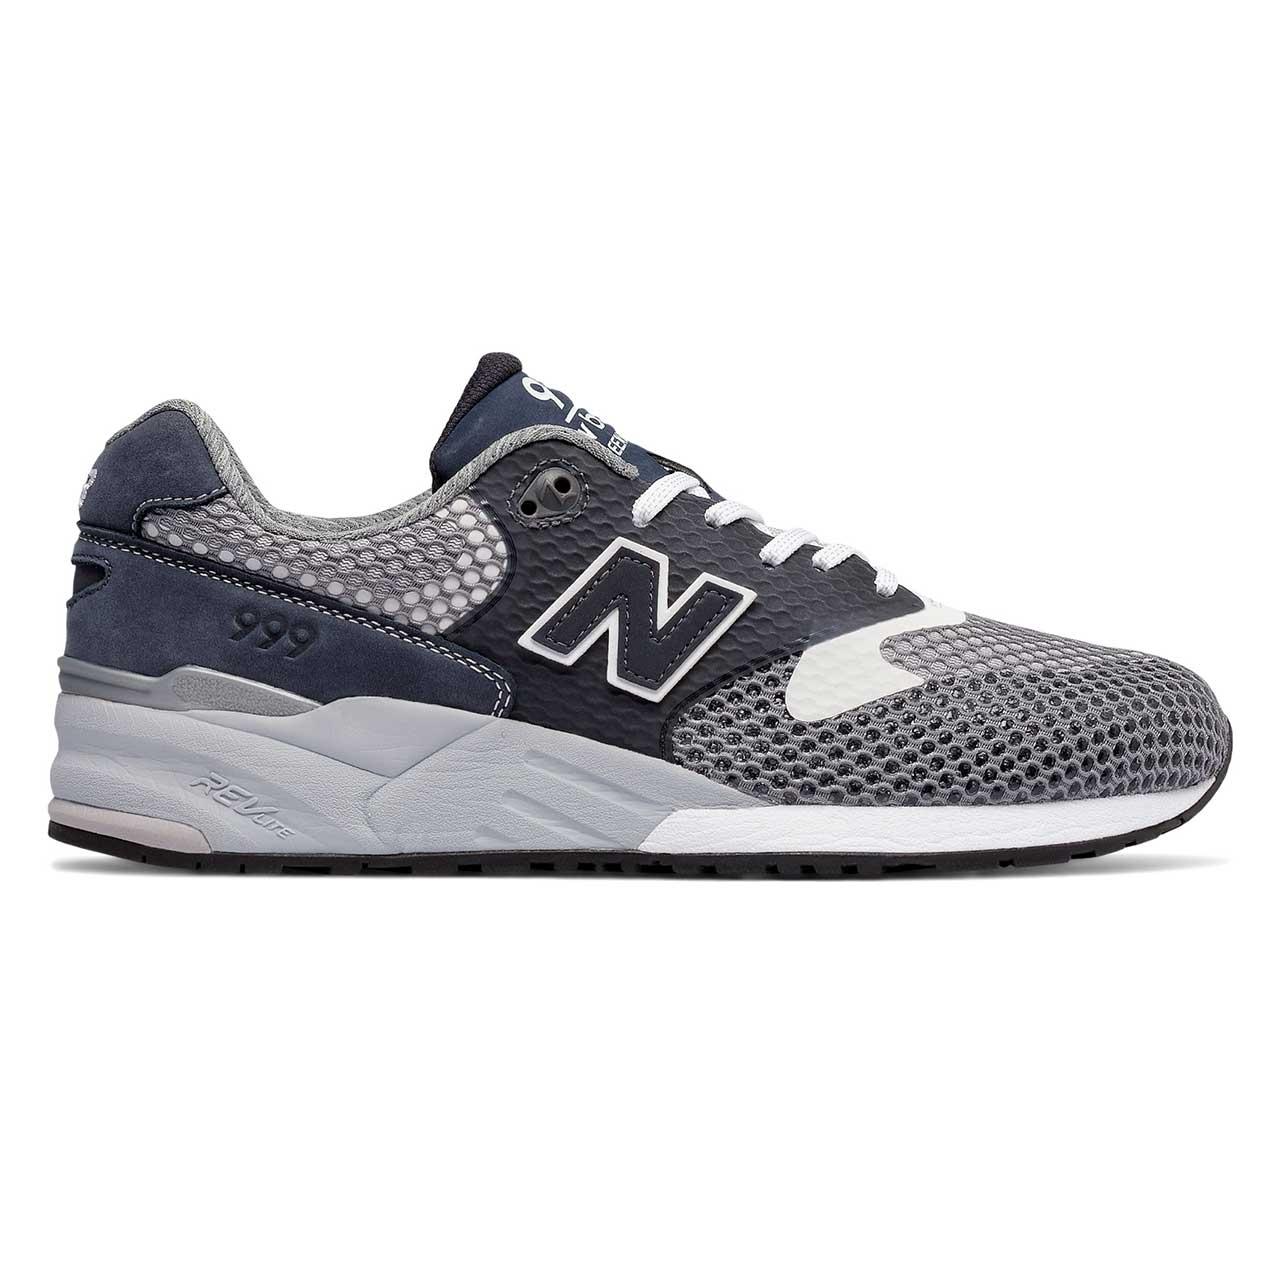 کفش پیاده روی مردانه نیوبالانس مدل New Balance MRL999 AJ